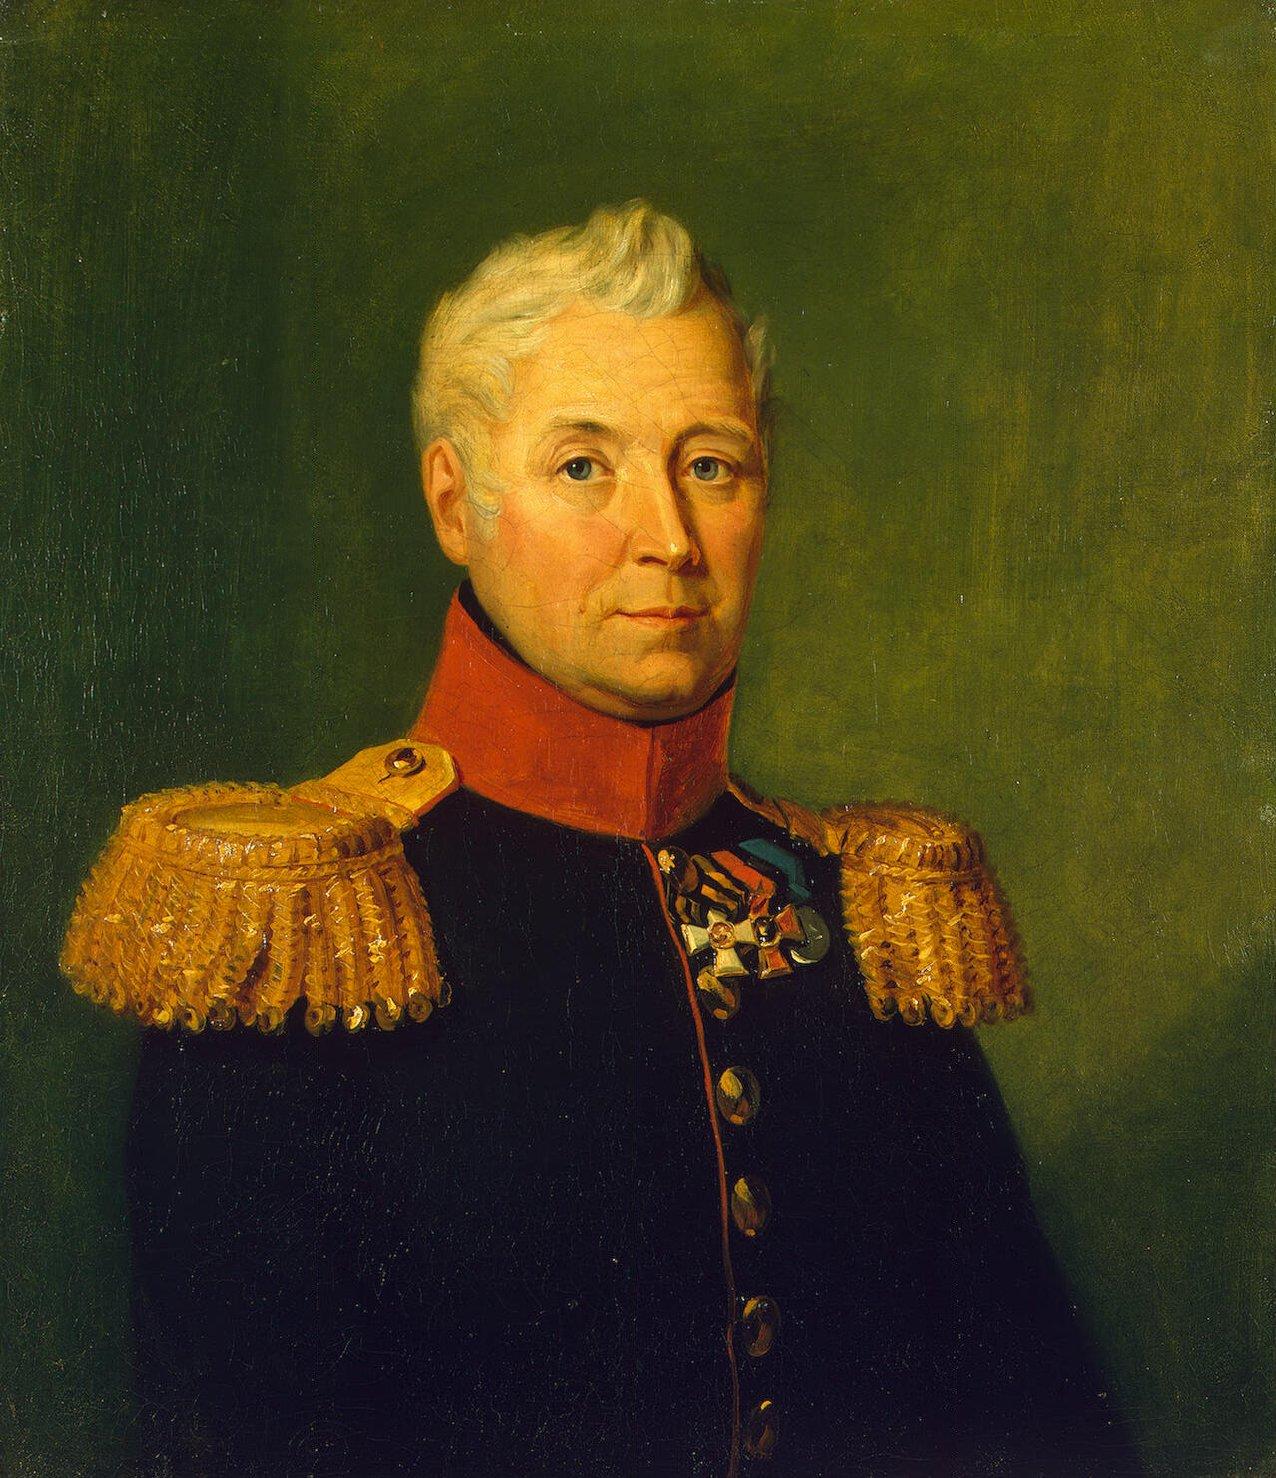 Маслов, Андрей Тимофеевич